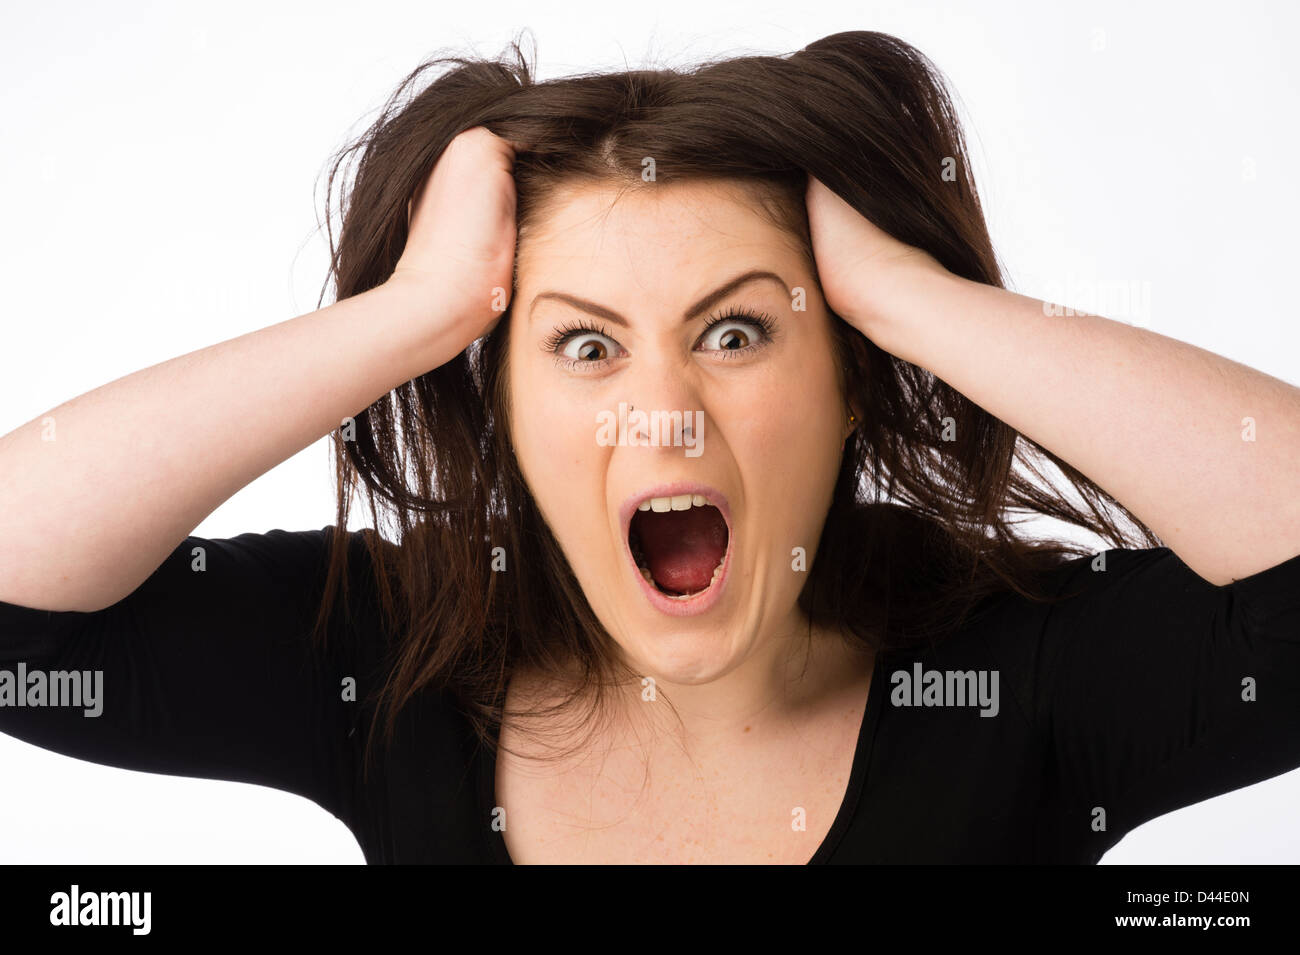 Una joven mujer que gritó airado, lagrimeo fuera tirando de su pelo castaño , UK Imagen De Stock